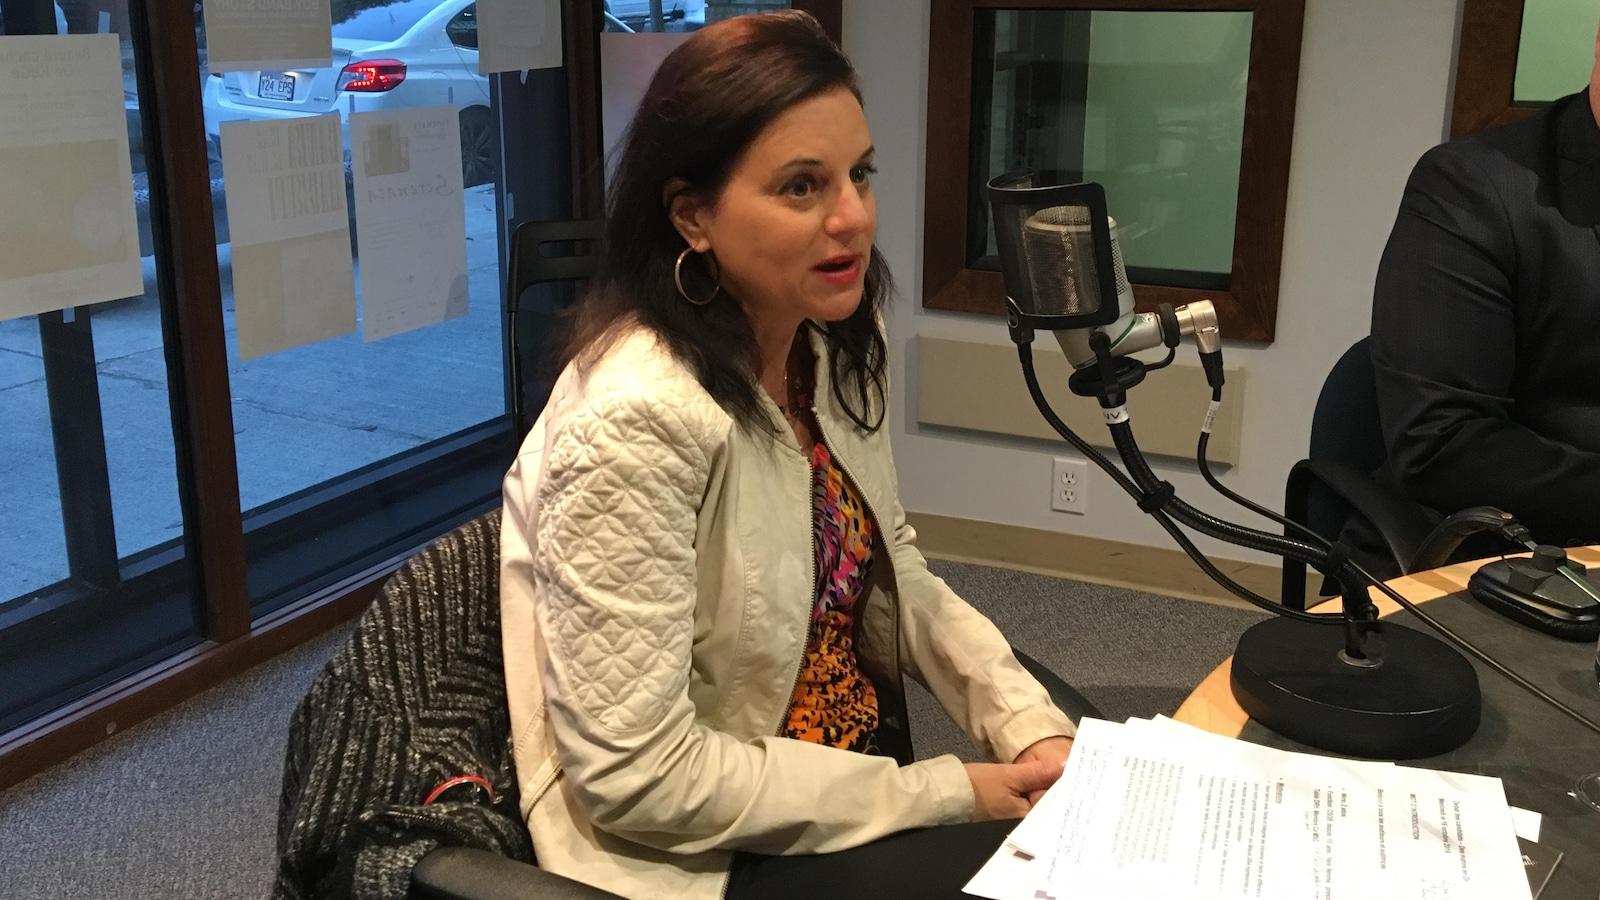 Isabelle Bergeron parle au micro dans le studio de radio.